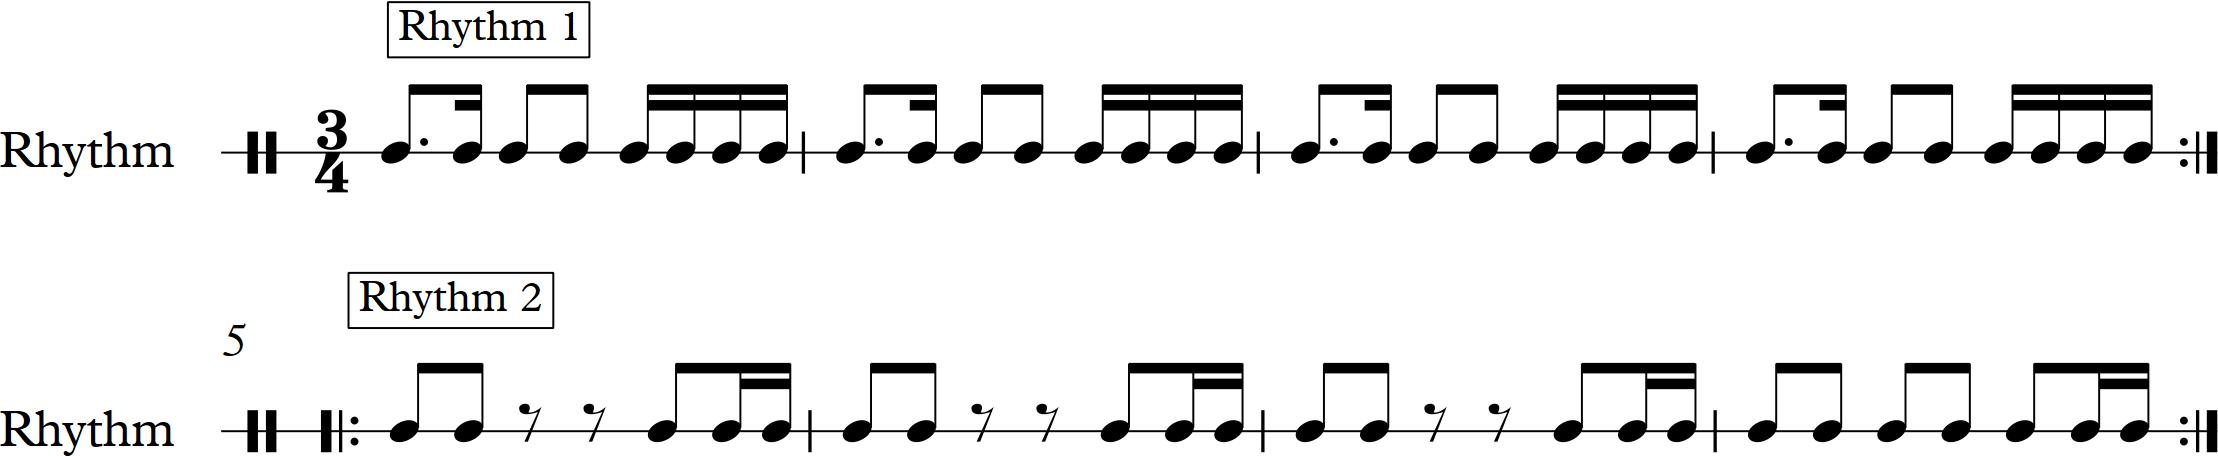 yhl rhythms